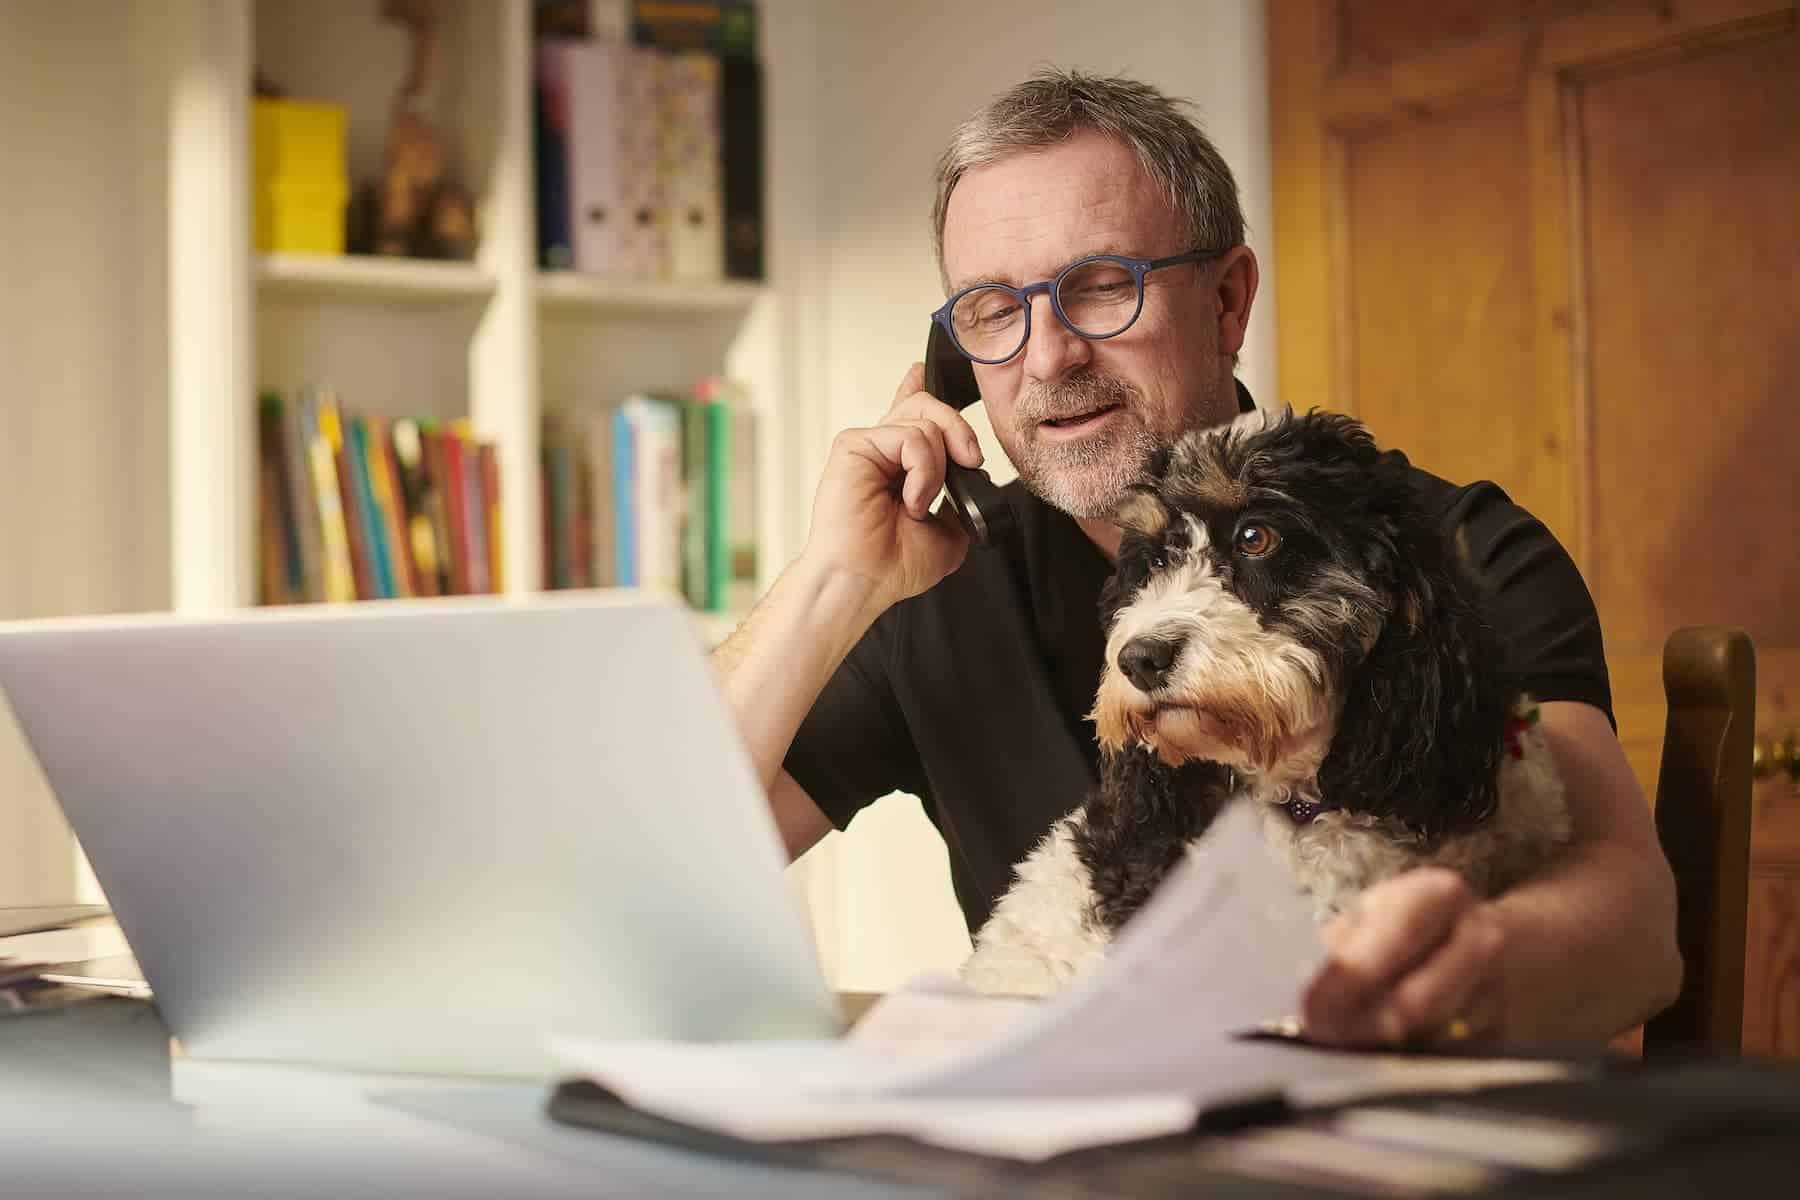 Slider_Man working with dog_1800x1200C